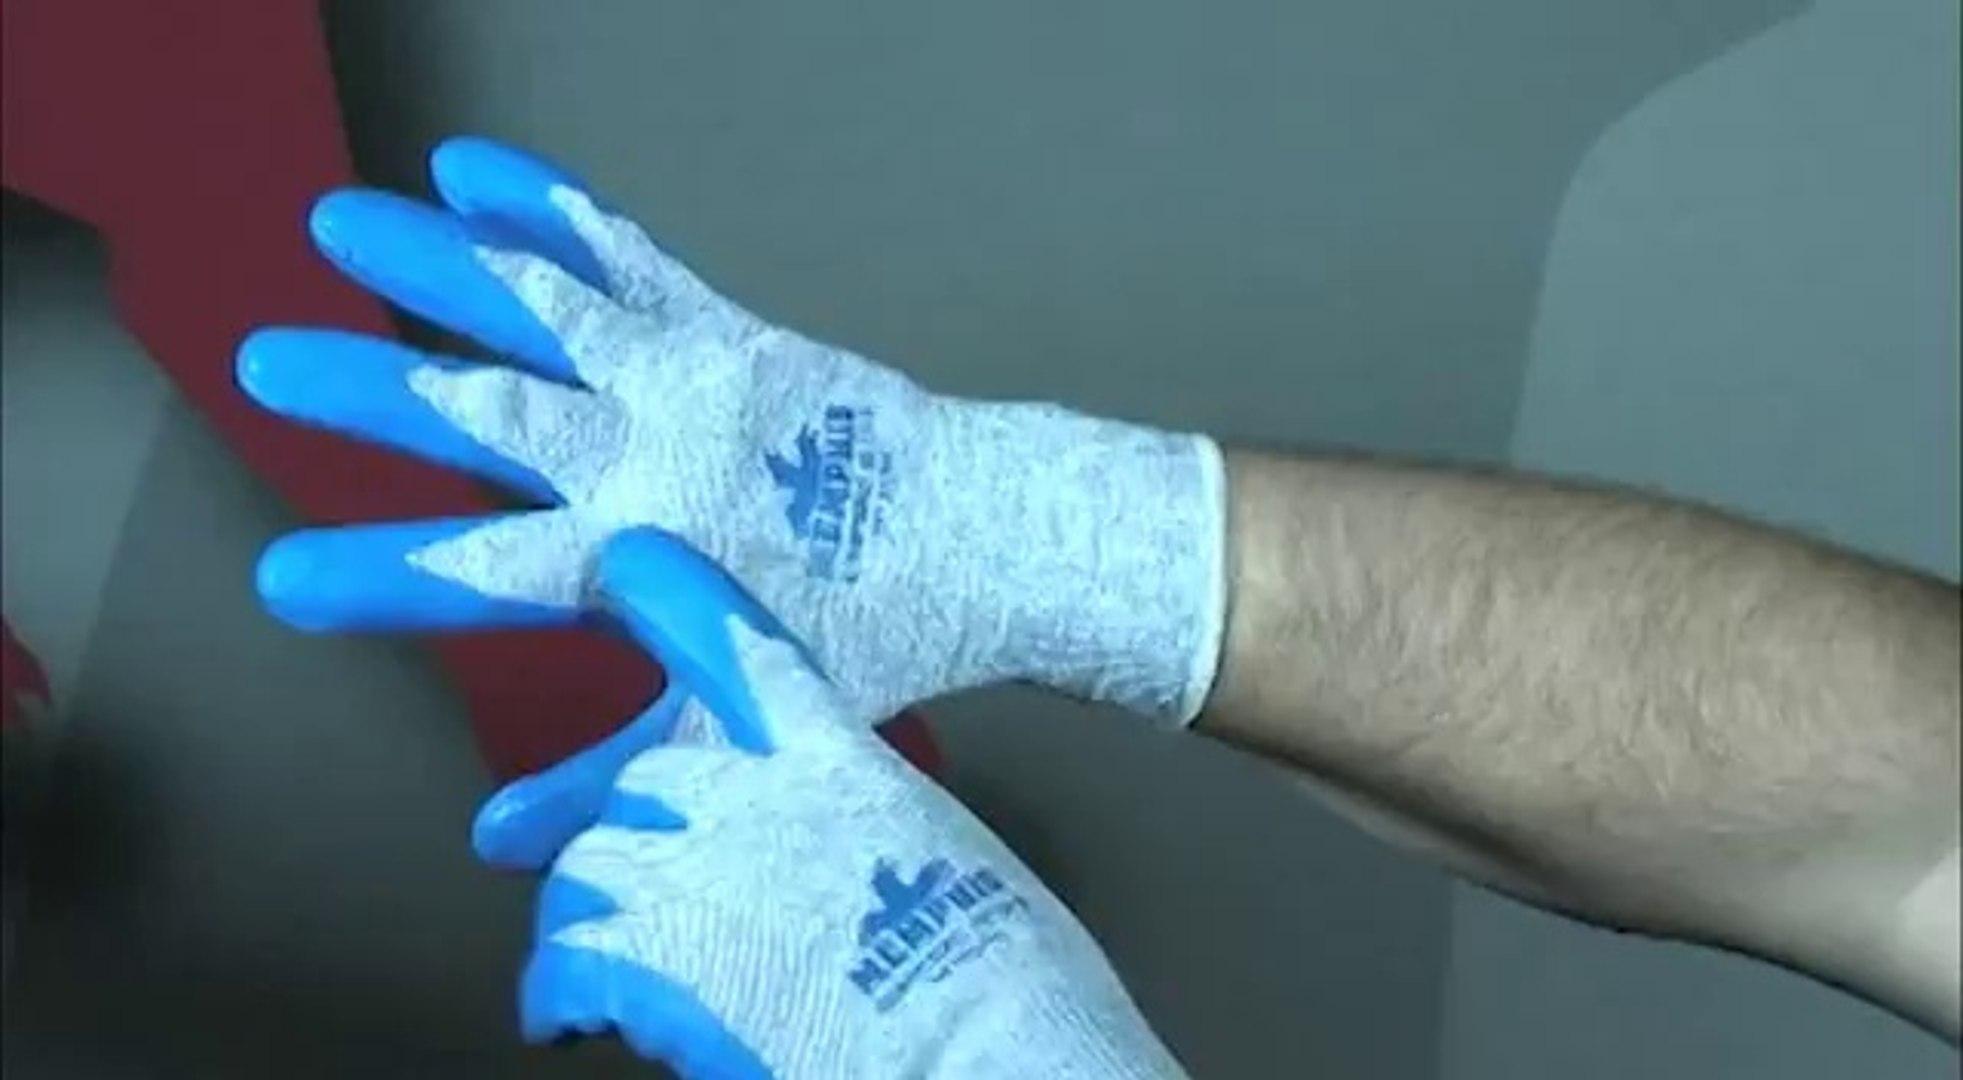 mua găng tay chống tĩnh điện, chất lượng tốt, giá bán rẻ, giao hàng nhanh Mr. Quân  01649.598.929